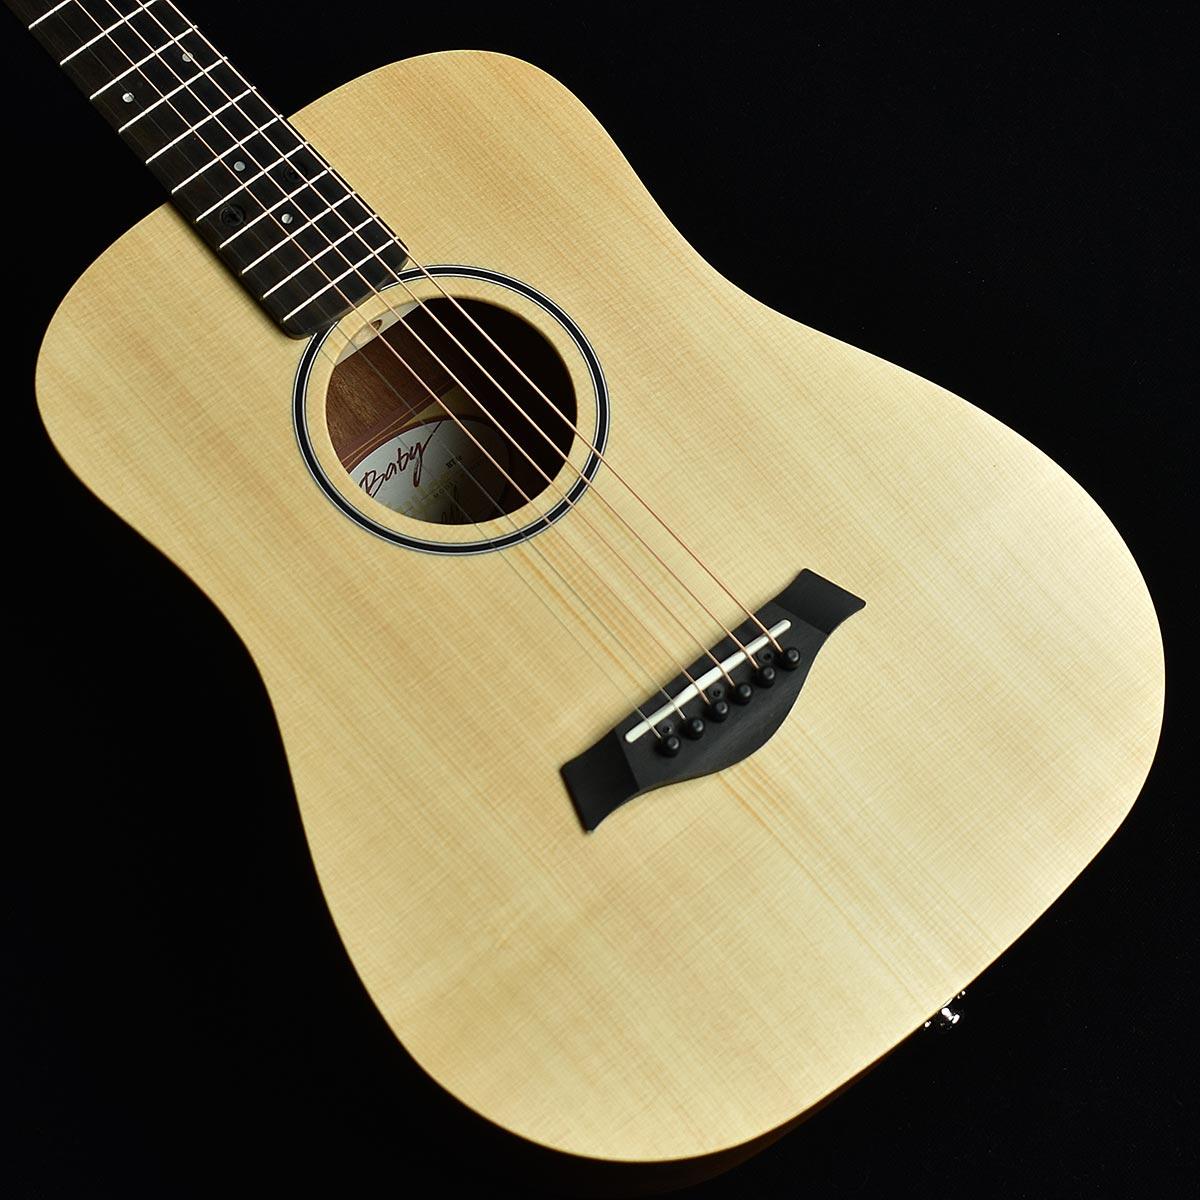 Taylor Baby Taylor-e Left Hand S/N:2109189540 ミニアコースティックギター【エレアコ】 【テイラー】【レフトハンド】【未展示品】